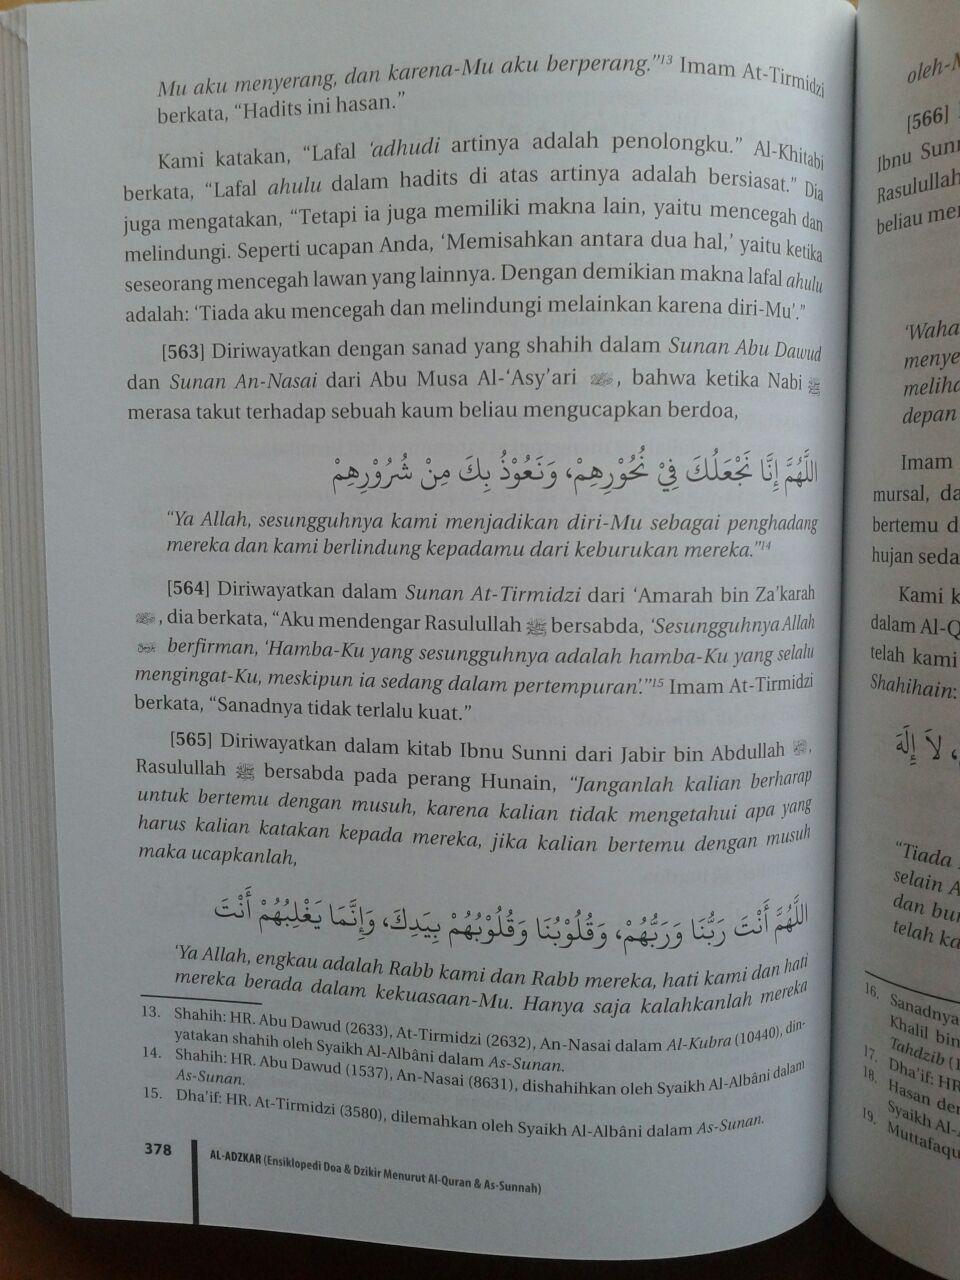 Buku Al-Adzkar Ensiklopedi Dzikir Dan Doa isi